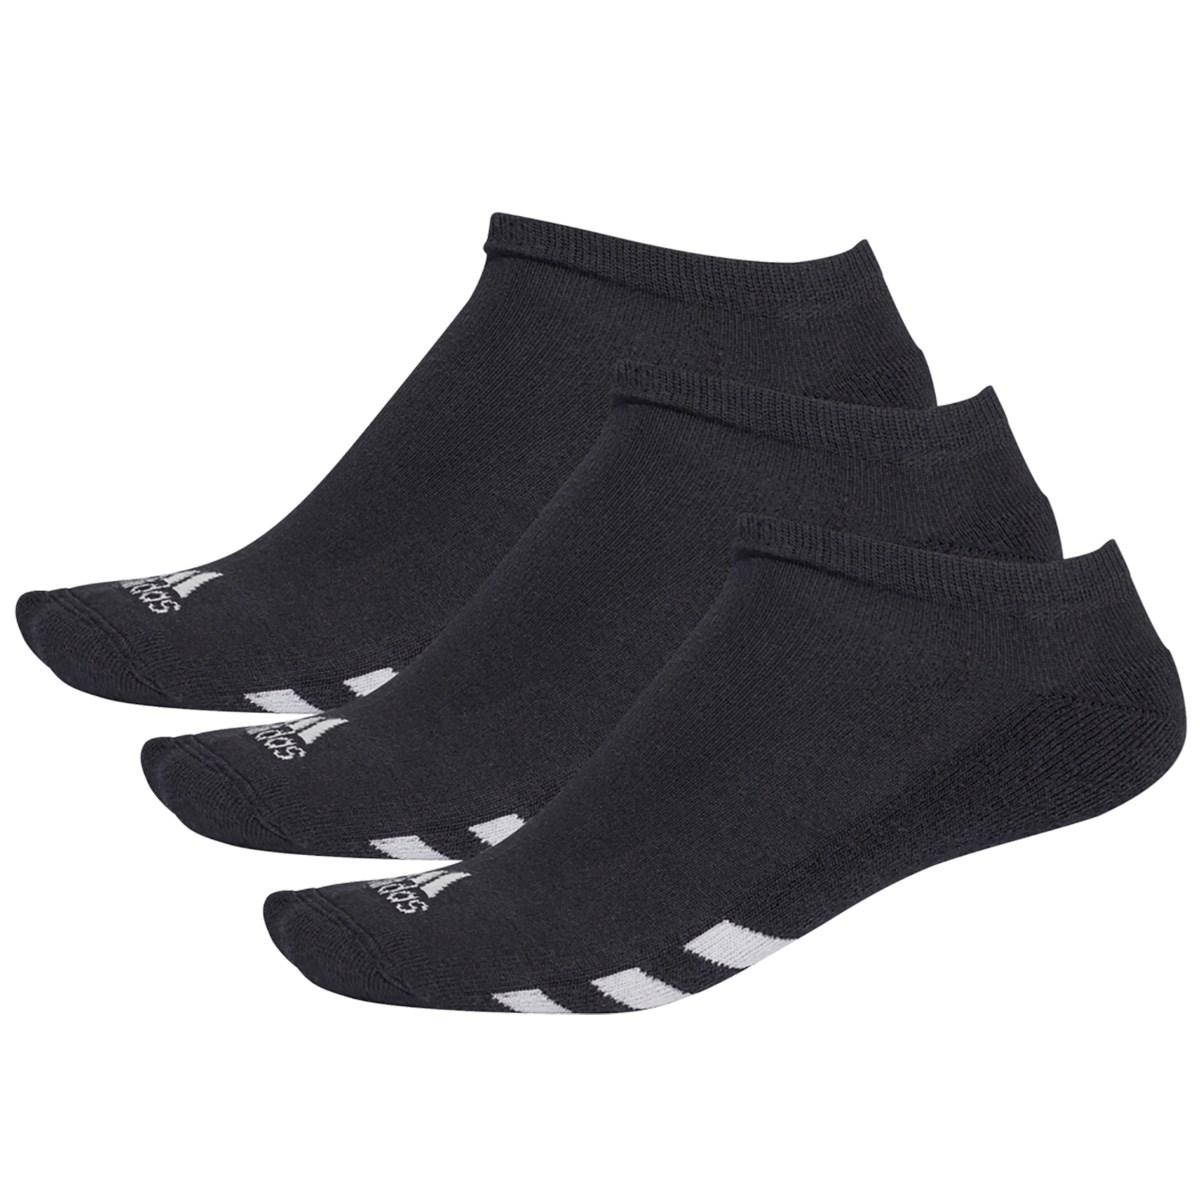 アディダス Adidas ゴルフローカットソックス 3足セット フリー ブラック